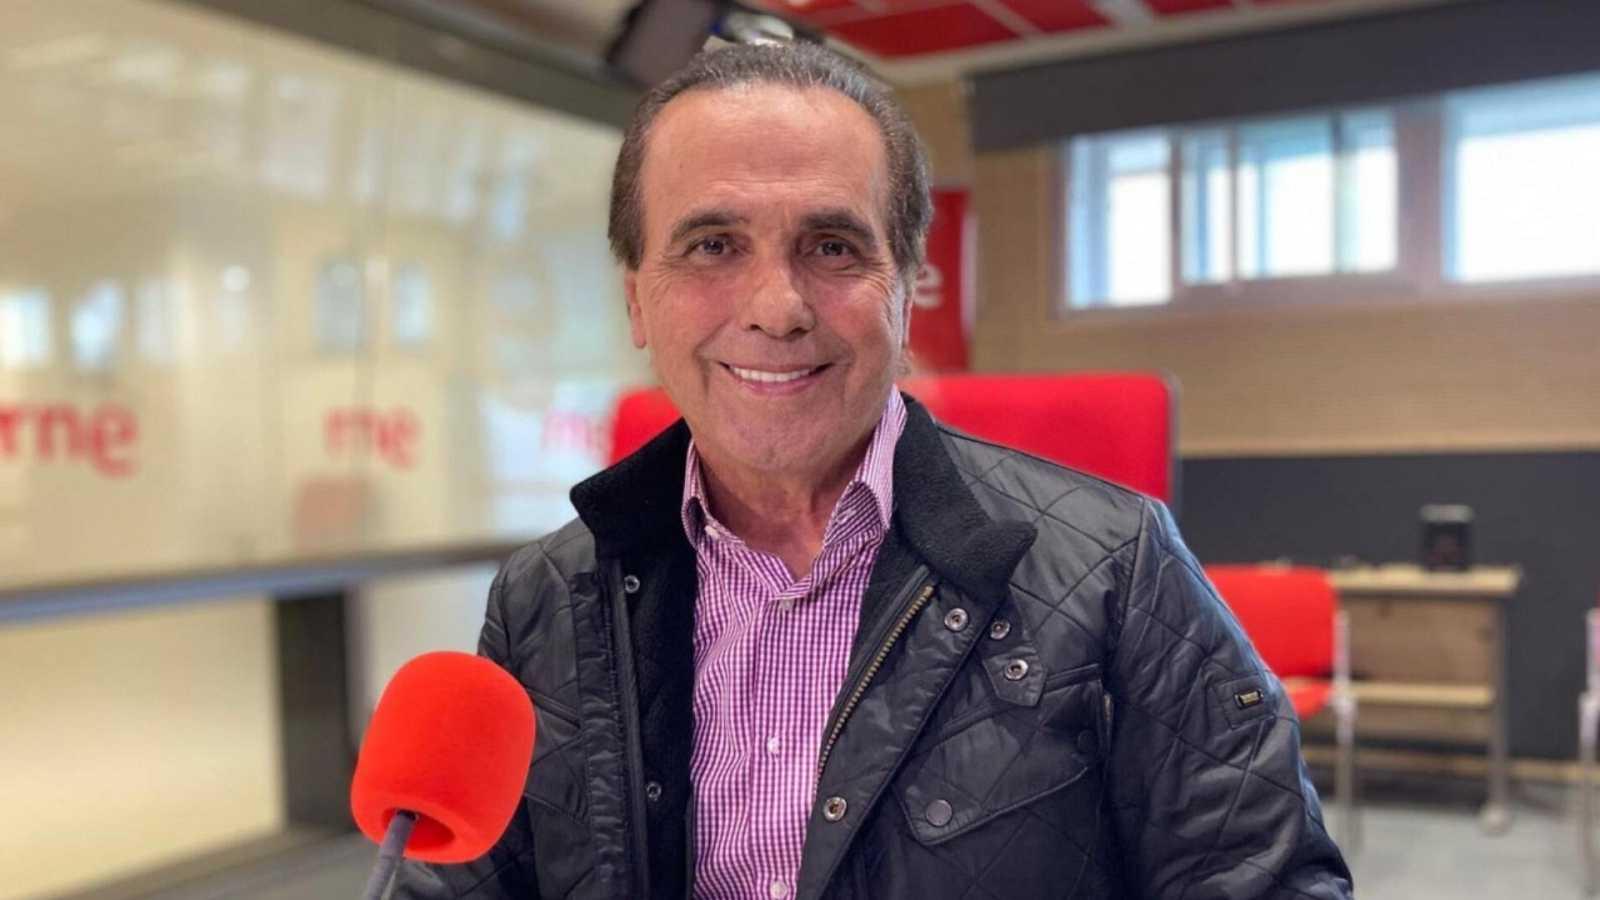 Las mañanas RNE con Pepa Fernández - Primera hora - 04/12/20 - escuchar ahora